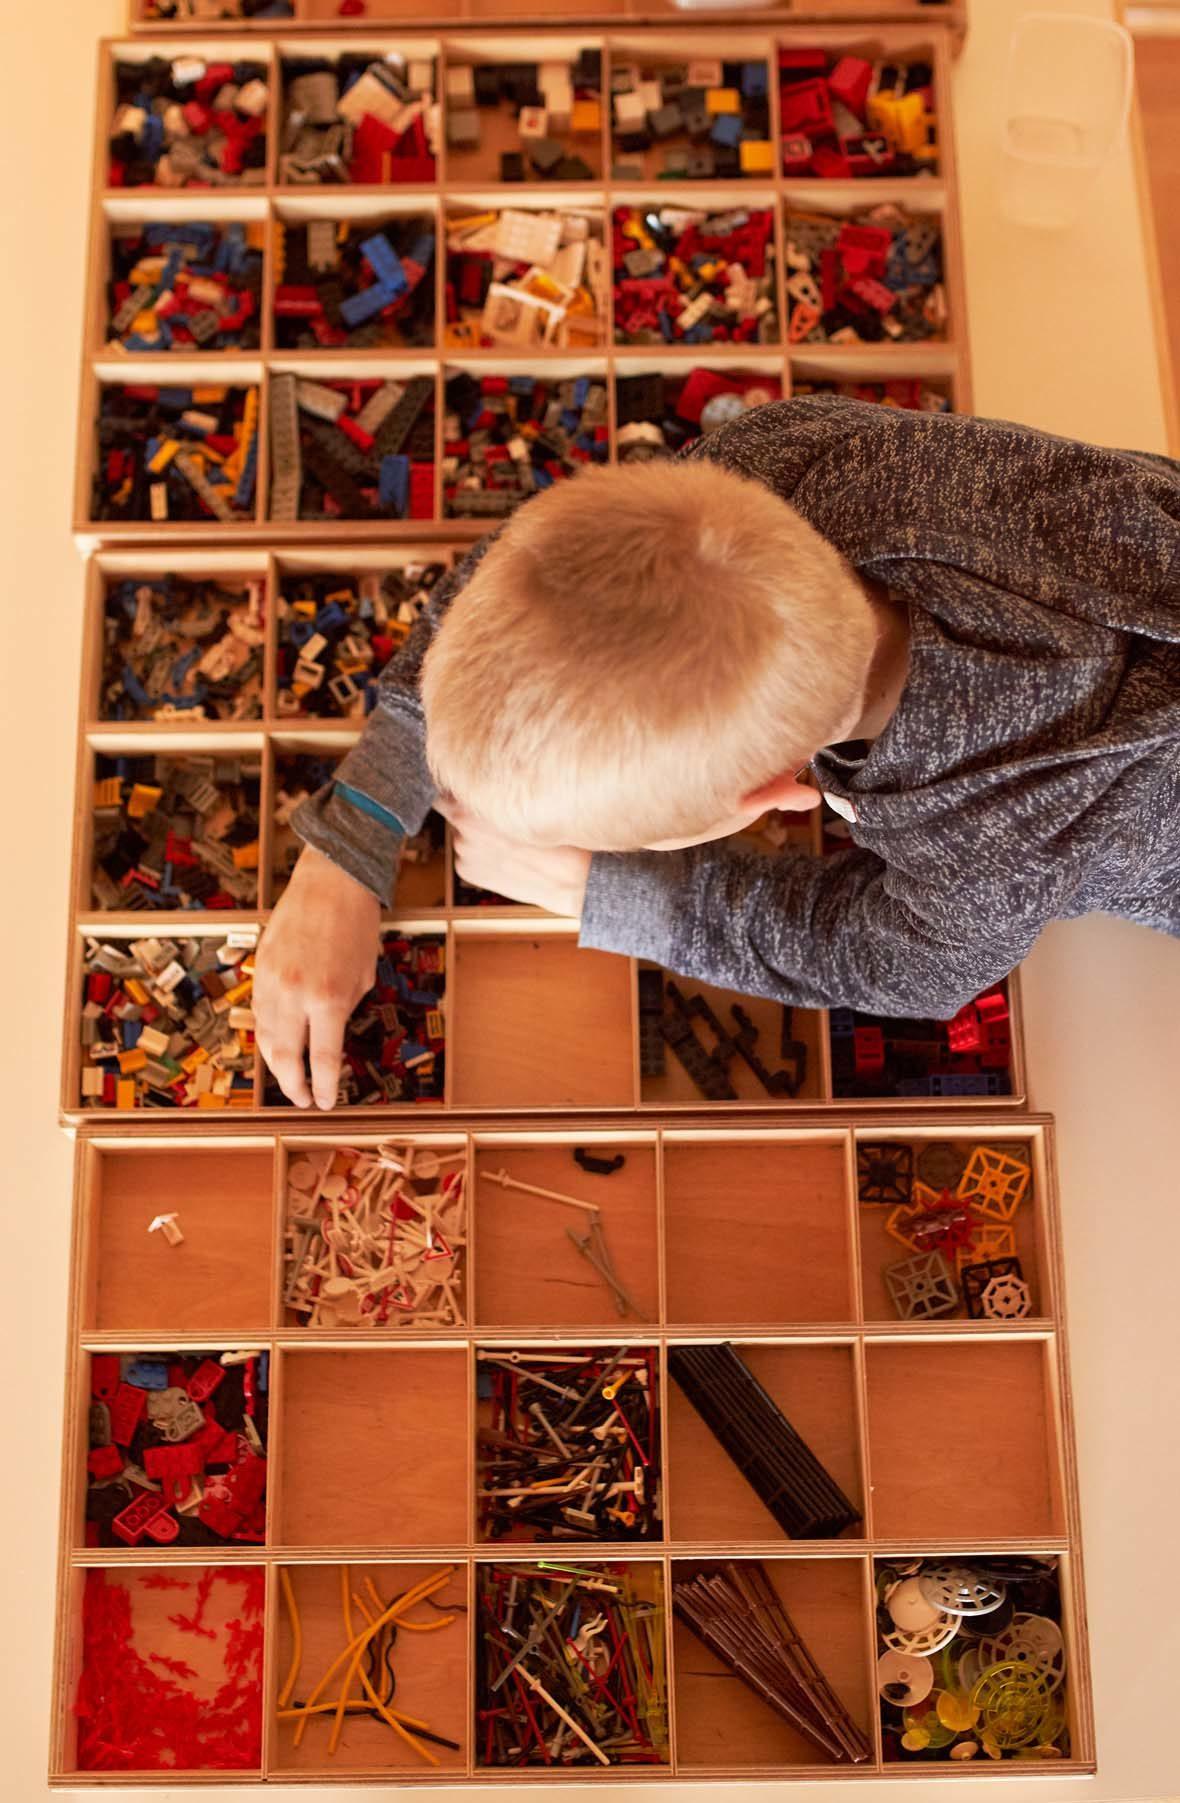 Blick von oben: Ein blonder junge lehnt über Holzkästen, in denen verschiedene LEGO-Steine sortiert gelagert sind. Er greift in eines der Kästchen.